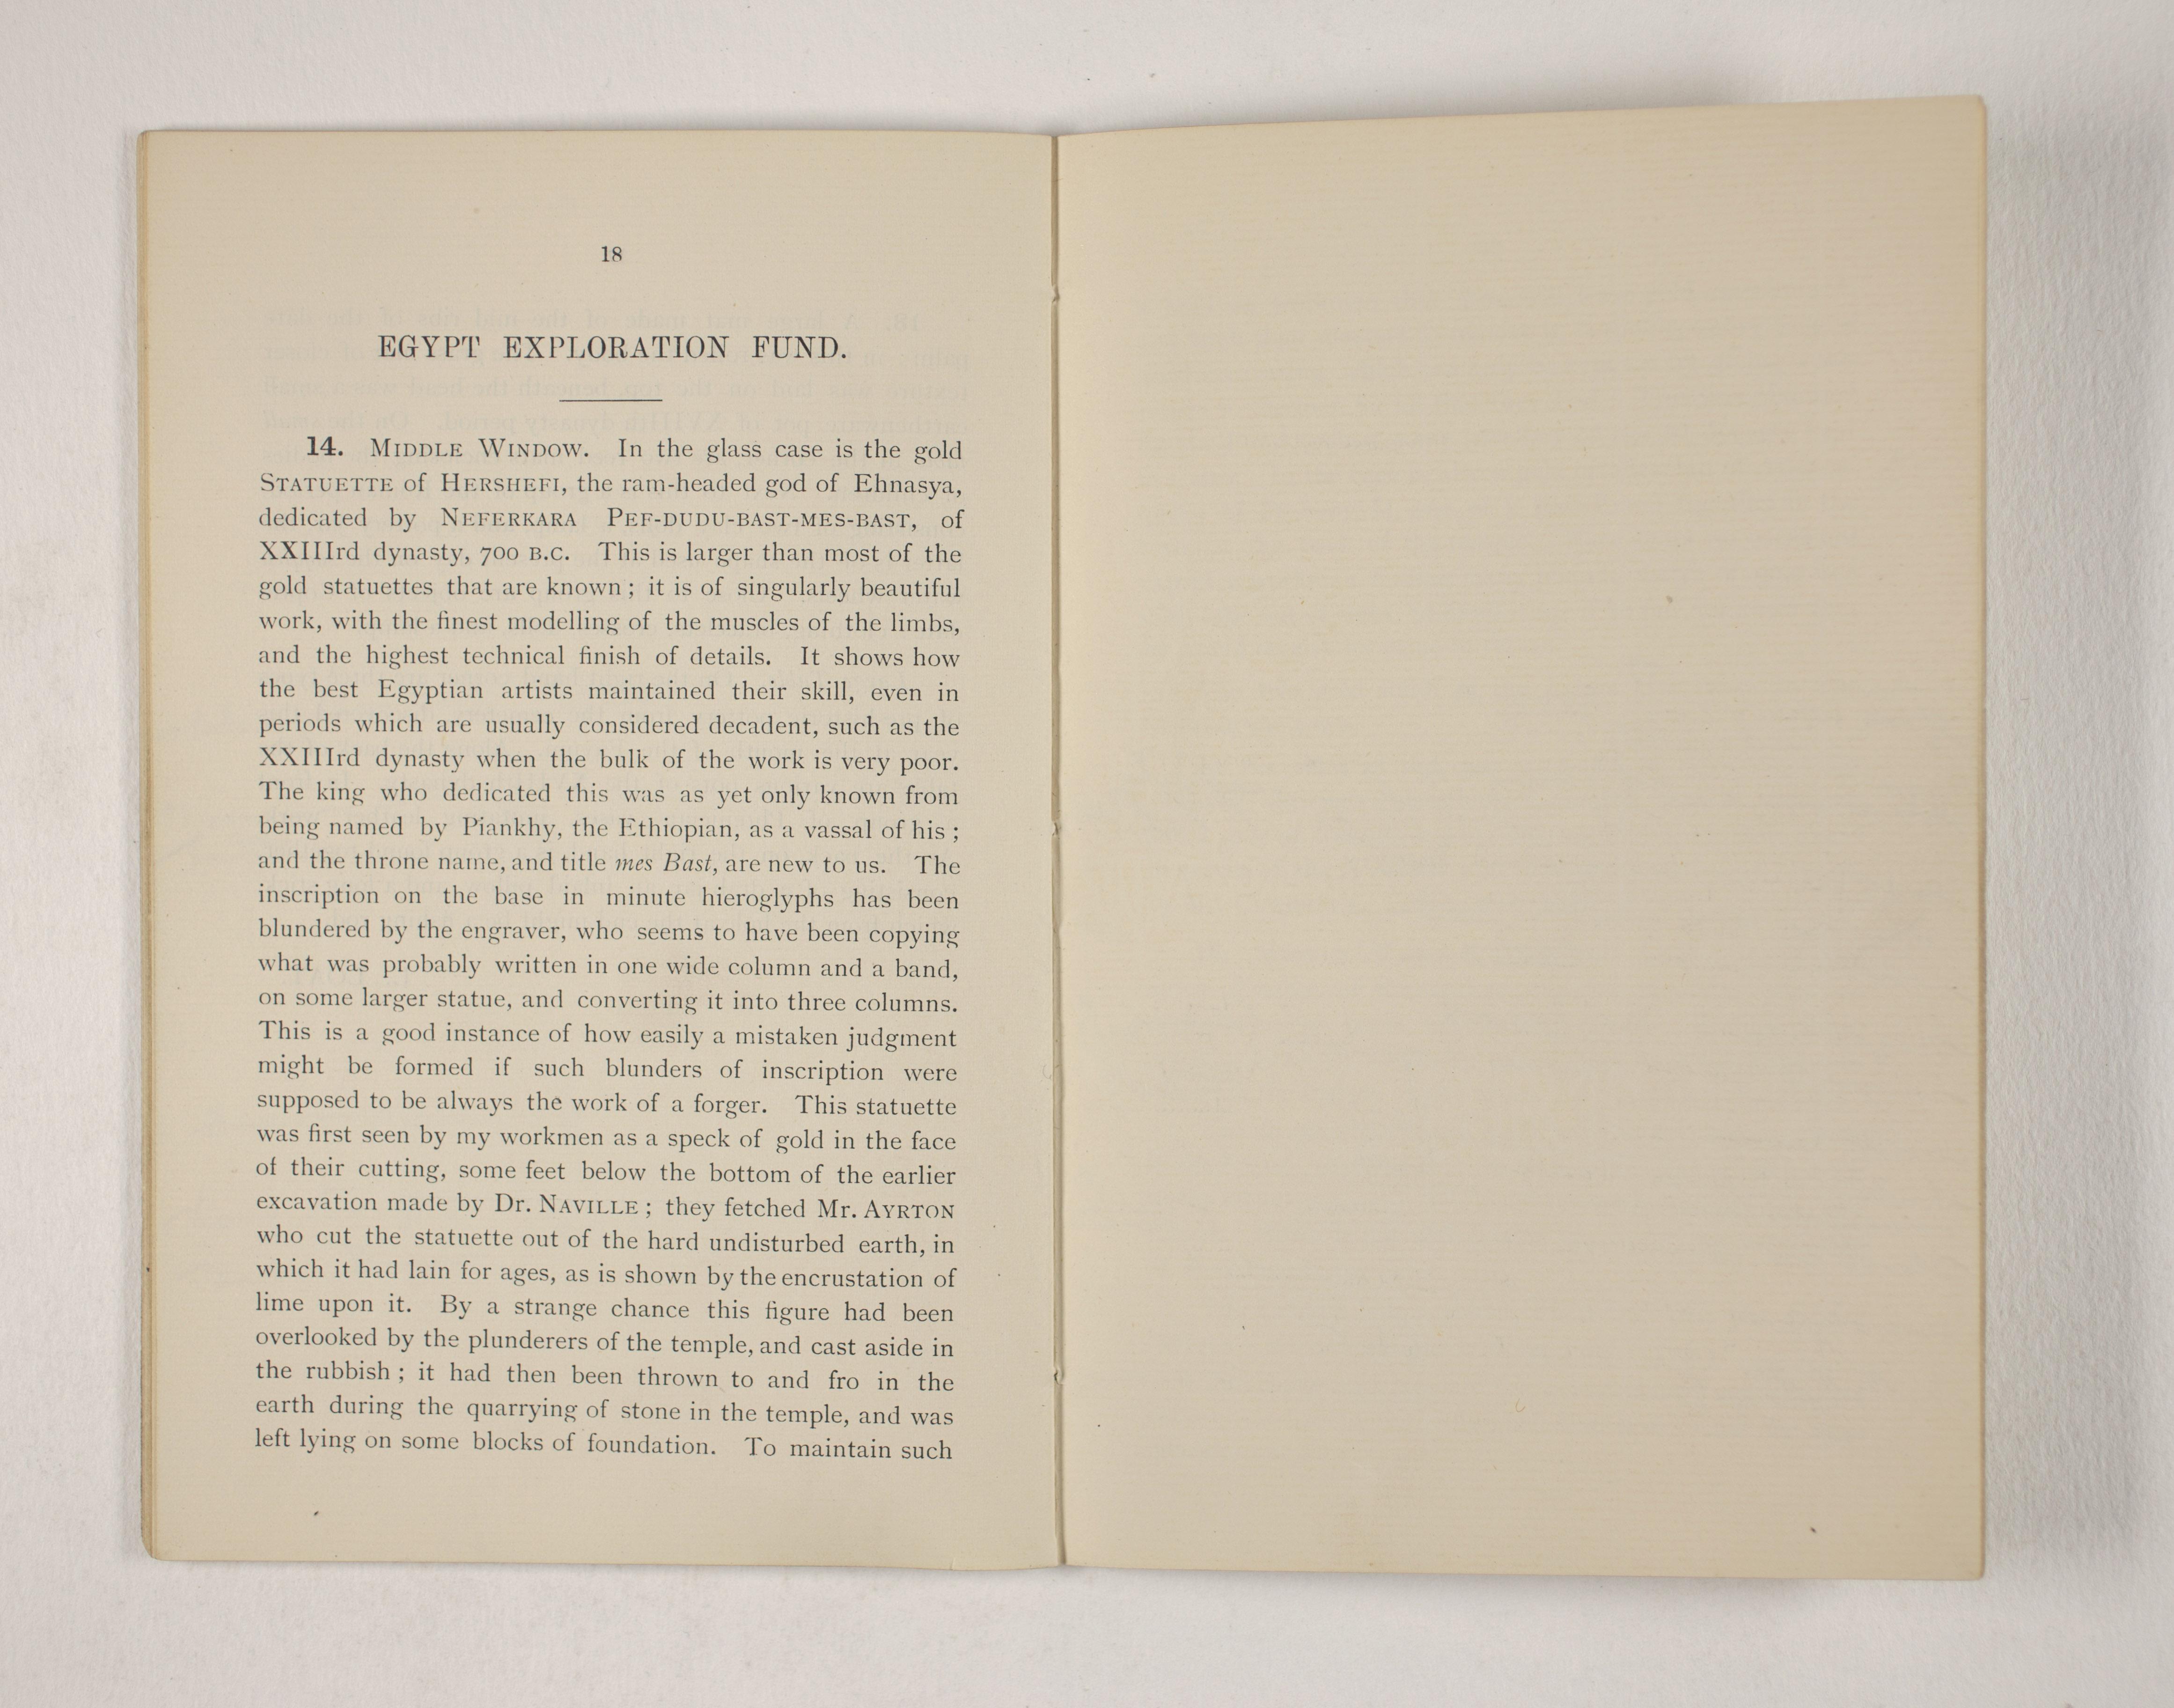 1903-04 Abydos, Ihnasya, Tell el-Fara'in, Saqqara, Gurob, Deir el-Bahri, Oxyrhynchus Exhibition Catalogue PMA/WFP1/D/12/12.20